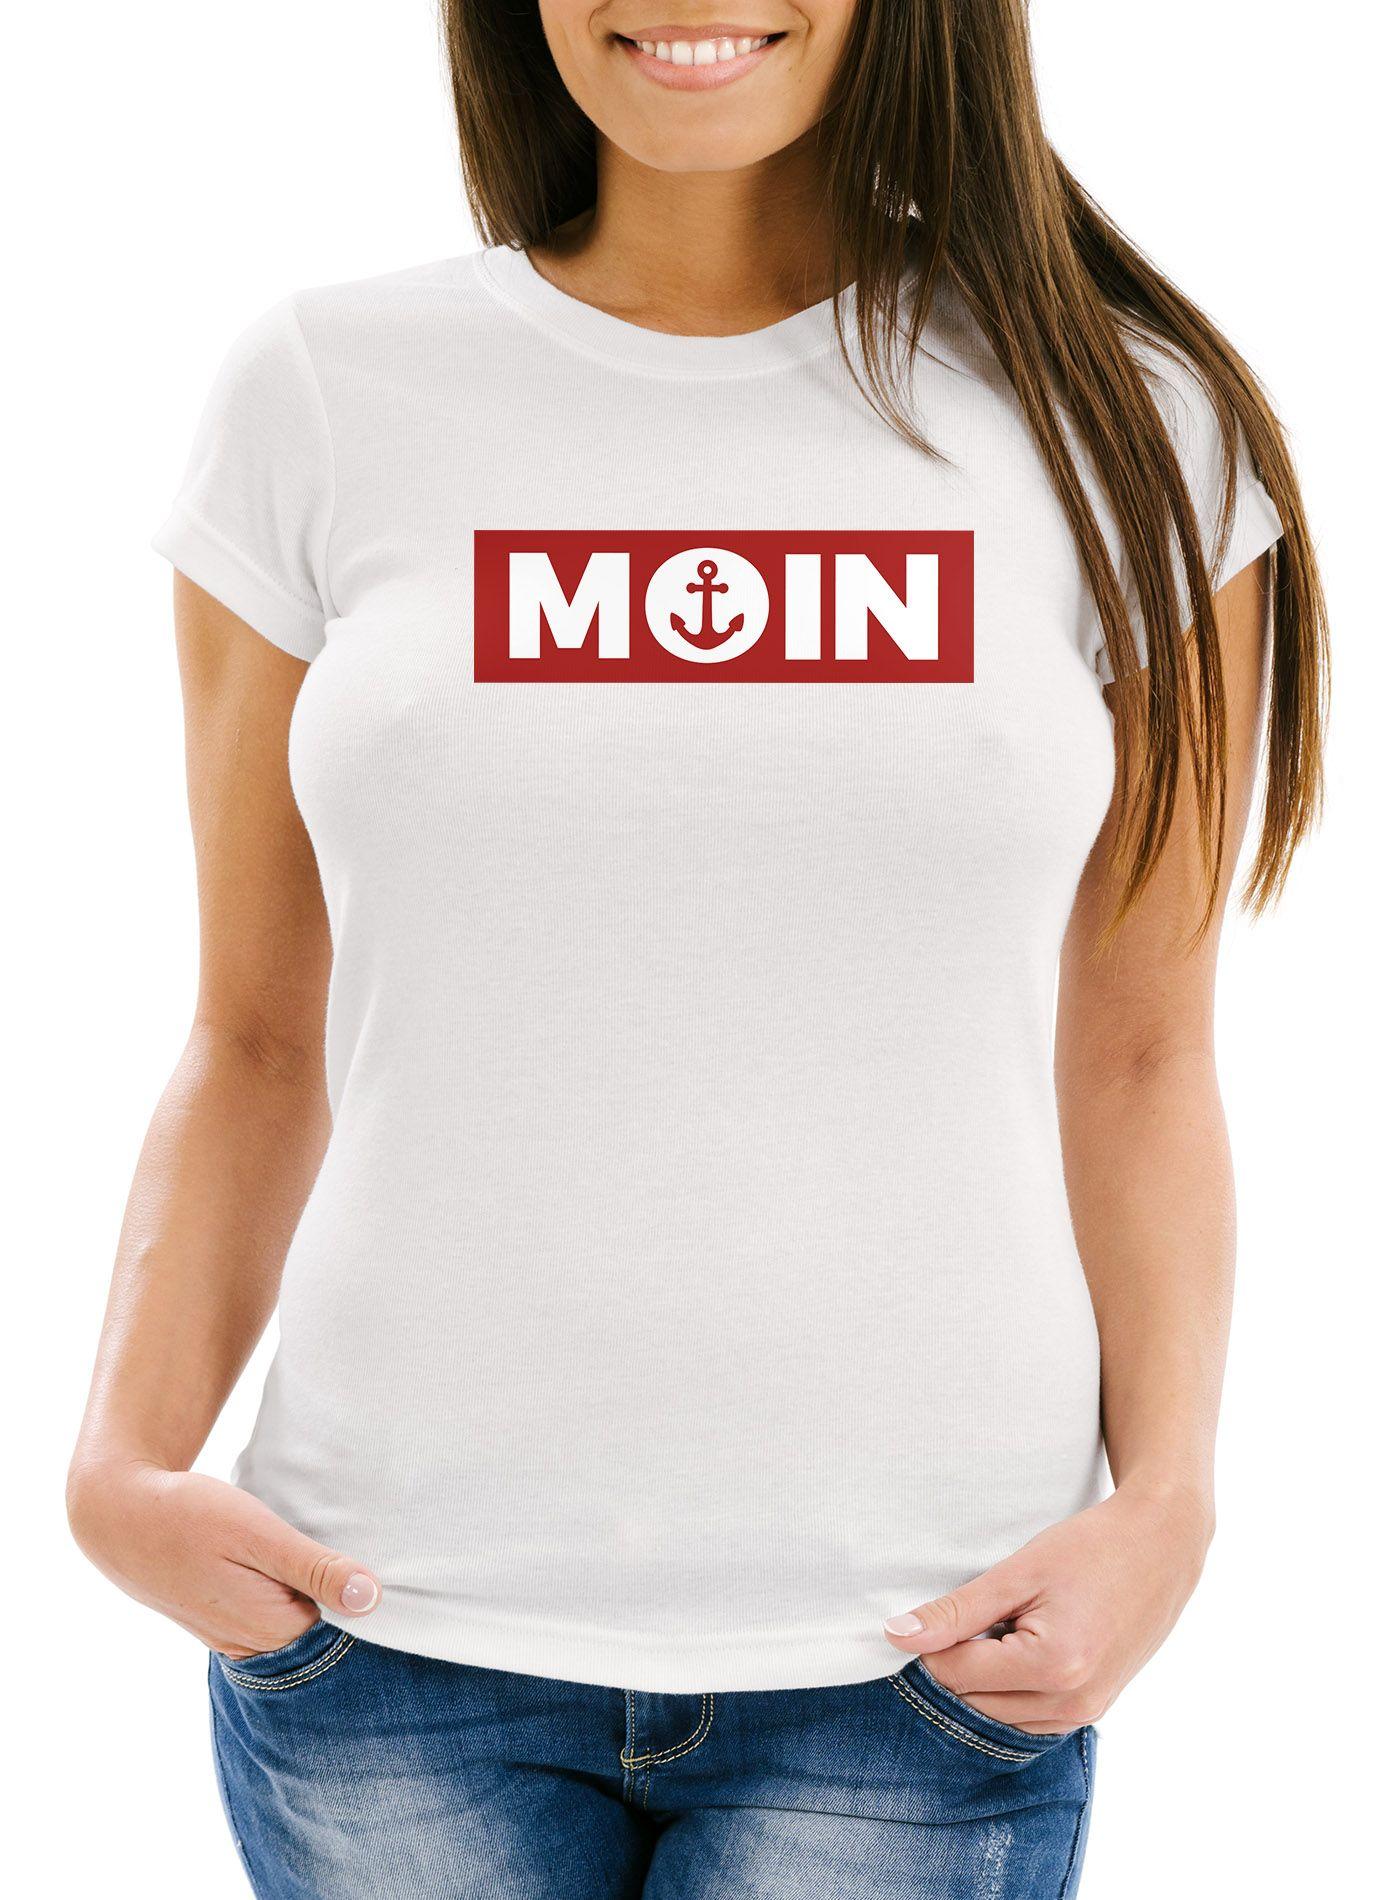 Damen Camo-Shirt Moin norddeutsch Morgen Anker Camouflage T-Shirt Tarnmuster